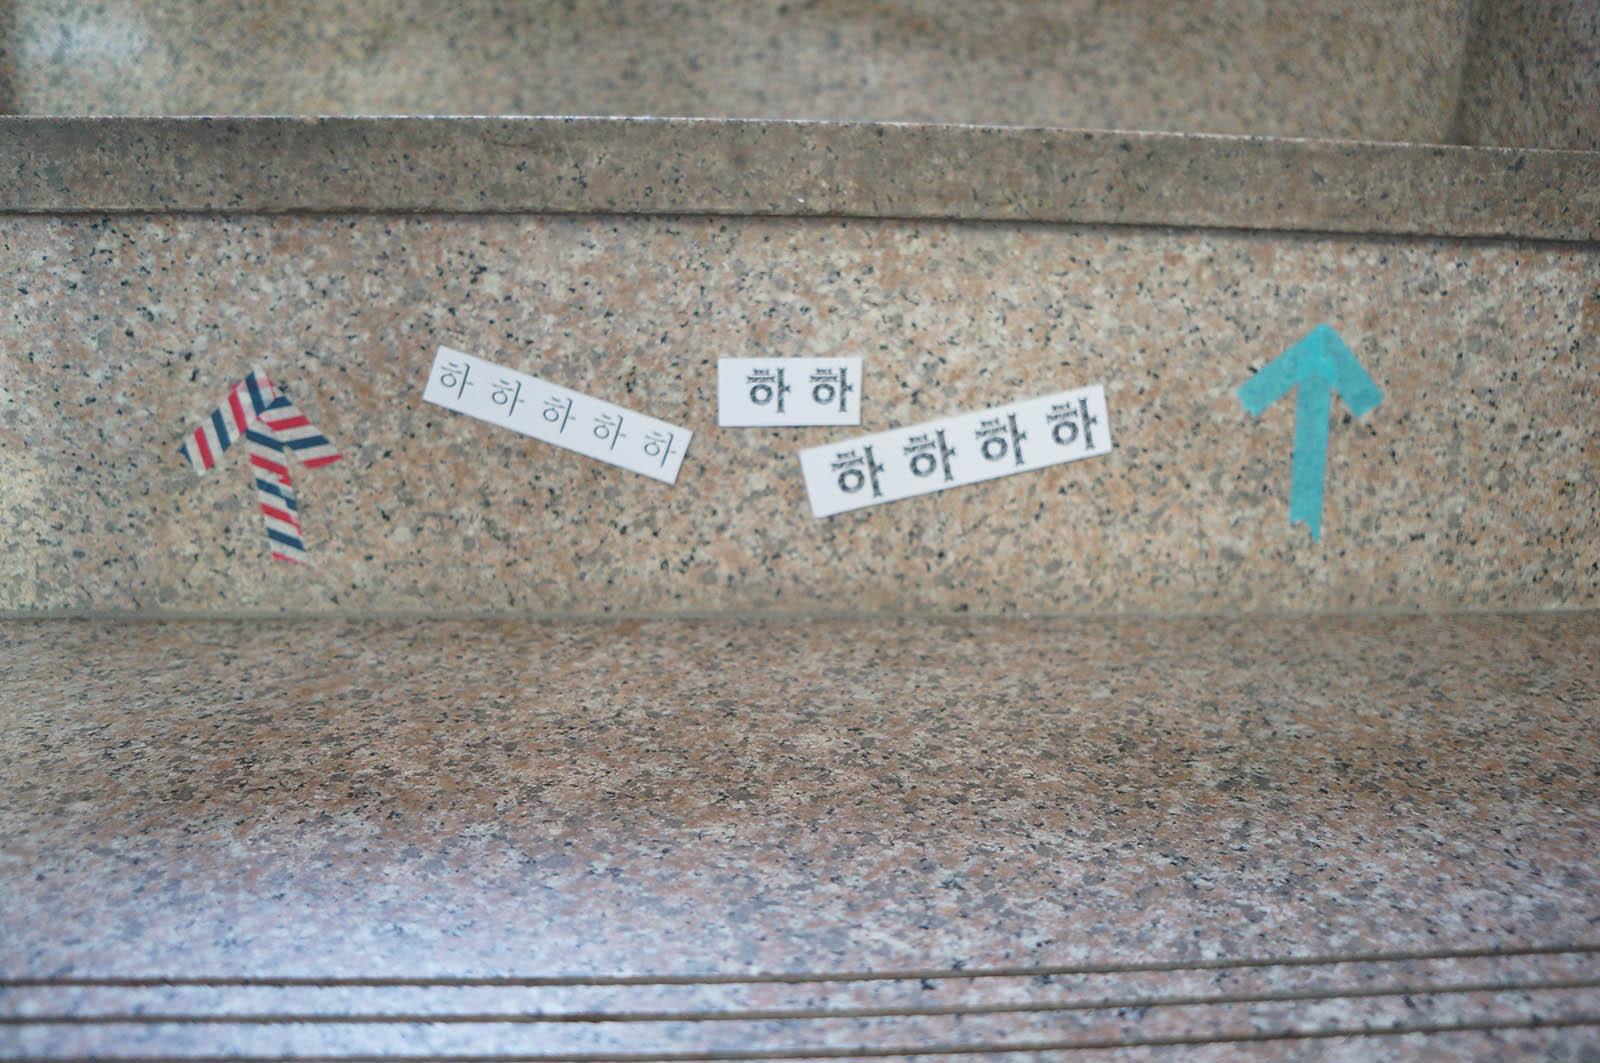 어반플루토 갤러리 2층 올라오는 계단에 부착된 화살표와 하하하 문구